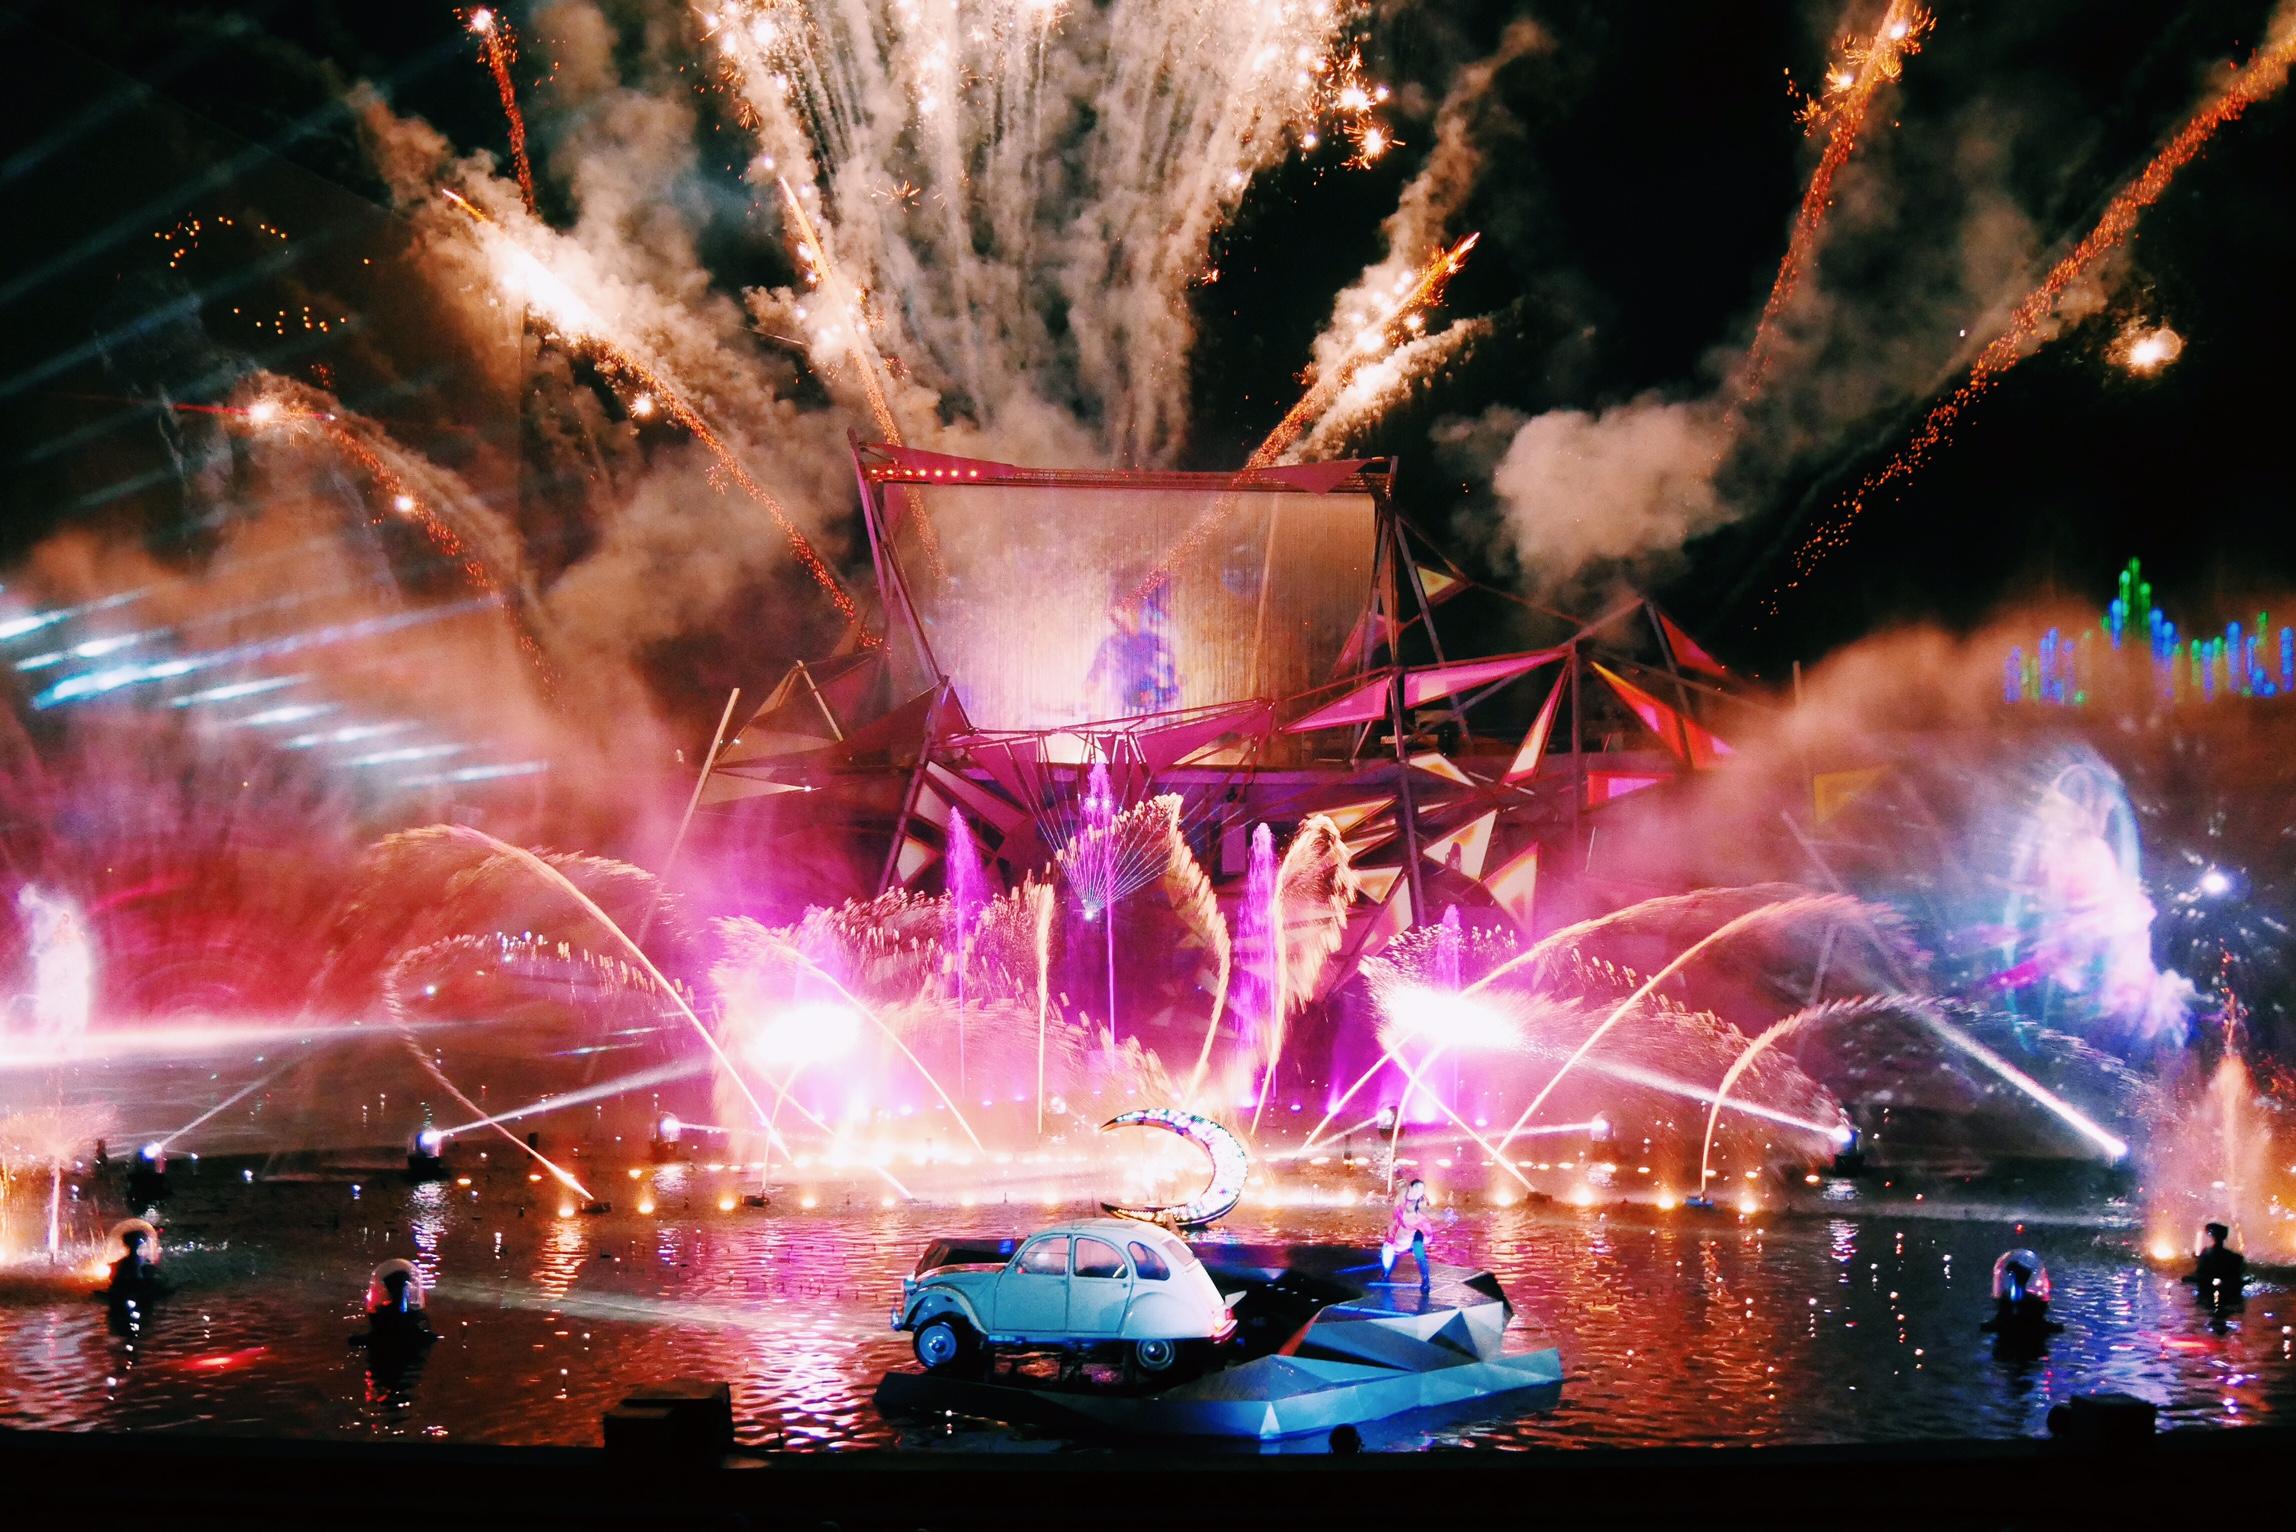 La-forge-aux-étoiles-Futuroscope-aquaféérie-nocturne-spectacle-son-lumière-Cirque-du-Soleil-photo-usofparis-blog